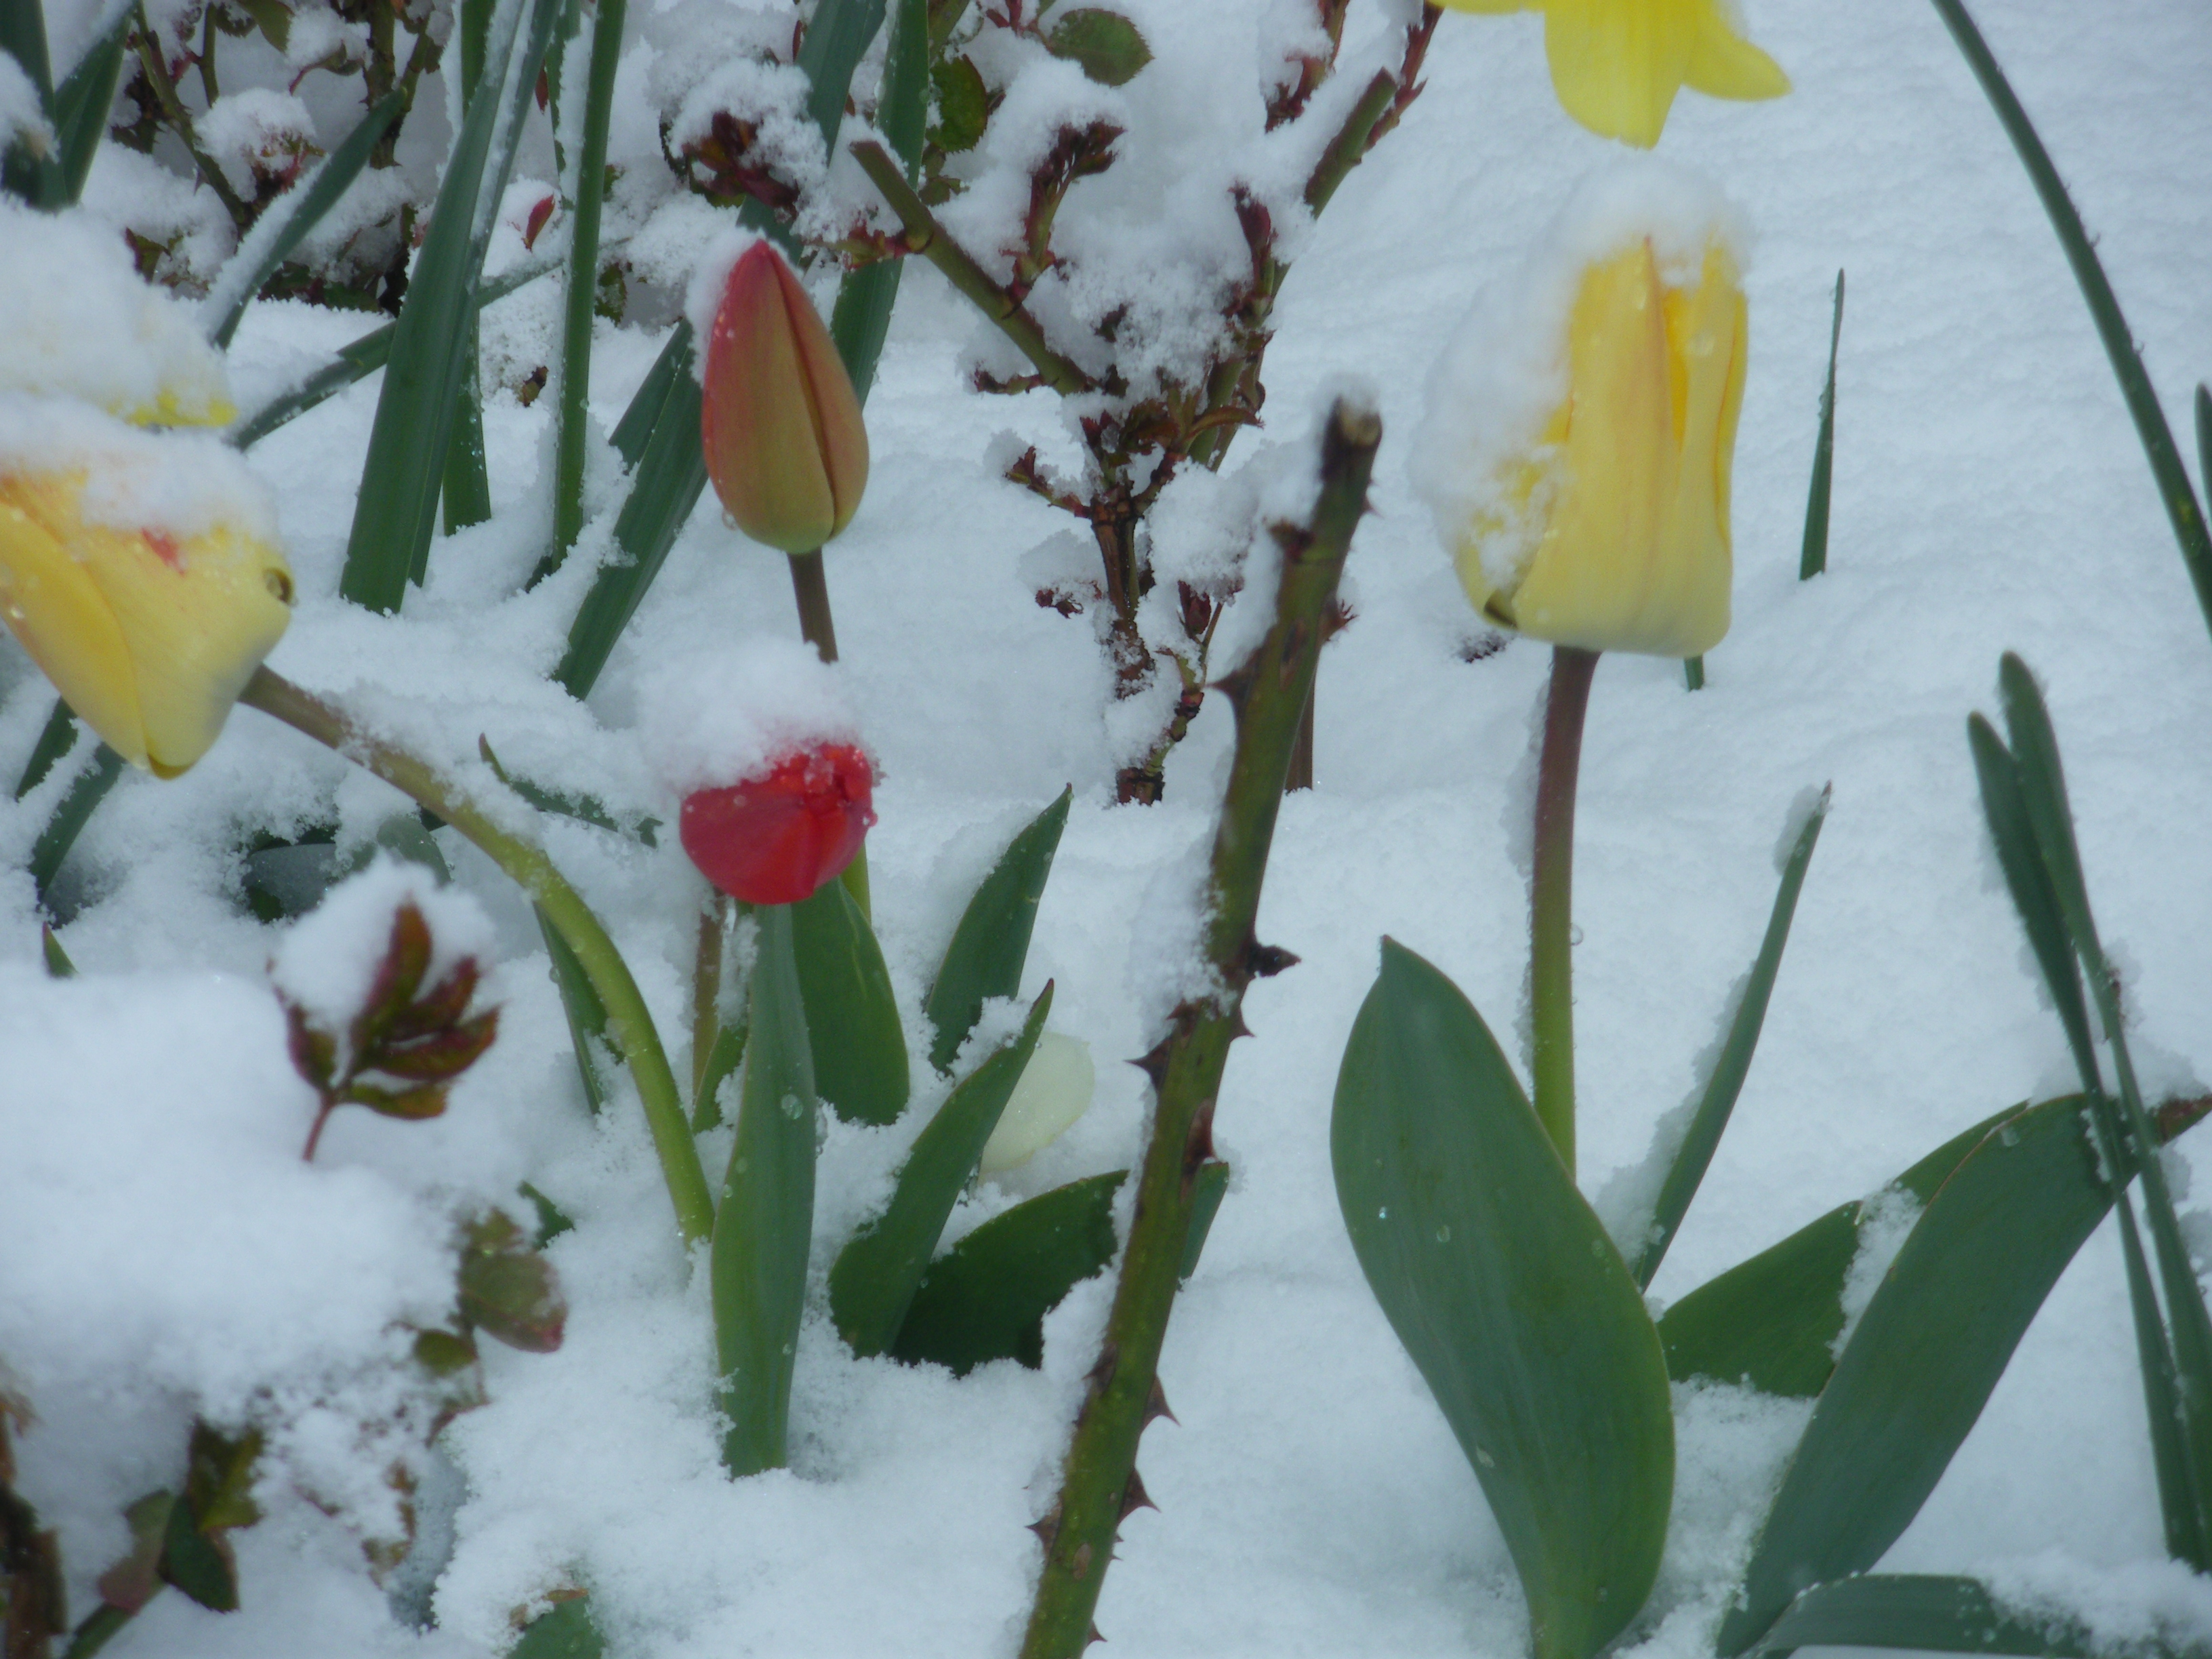 Tulipanes y nieve